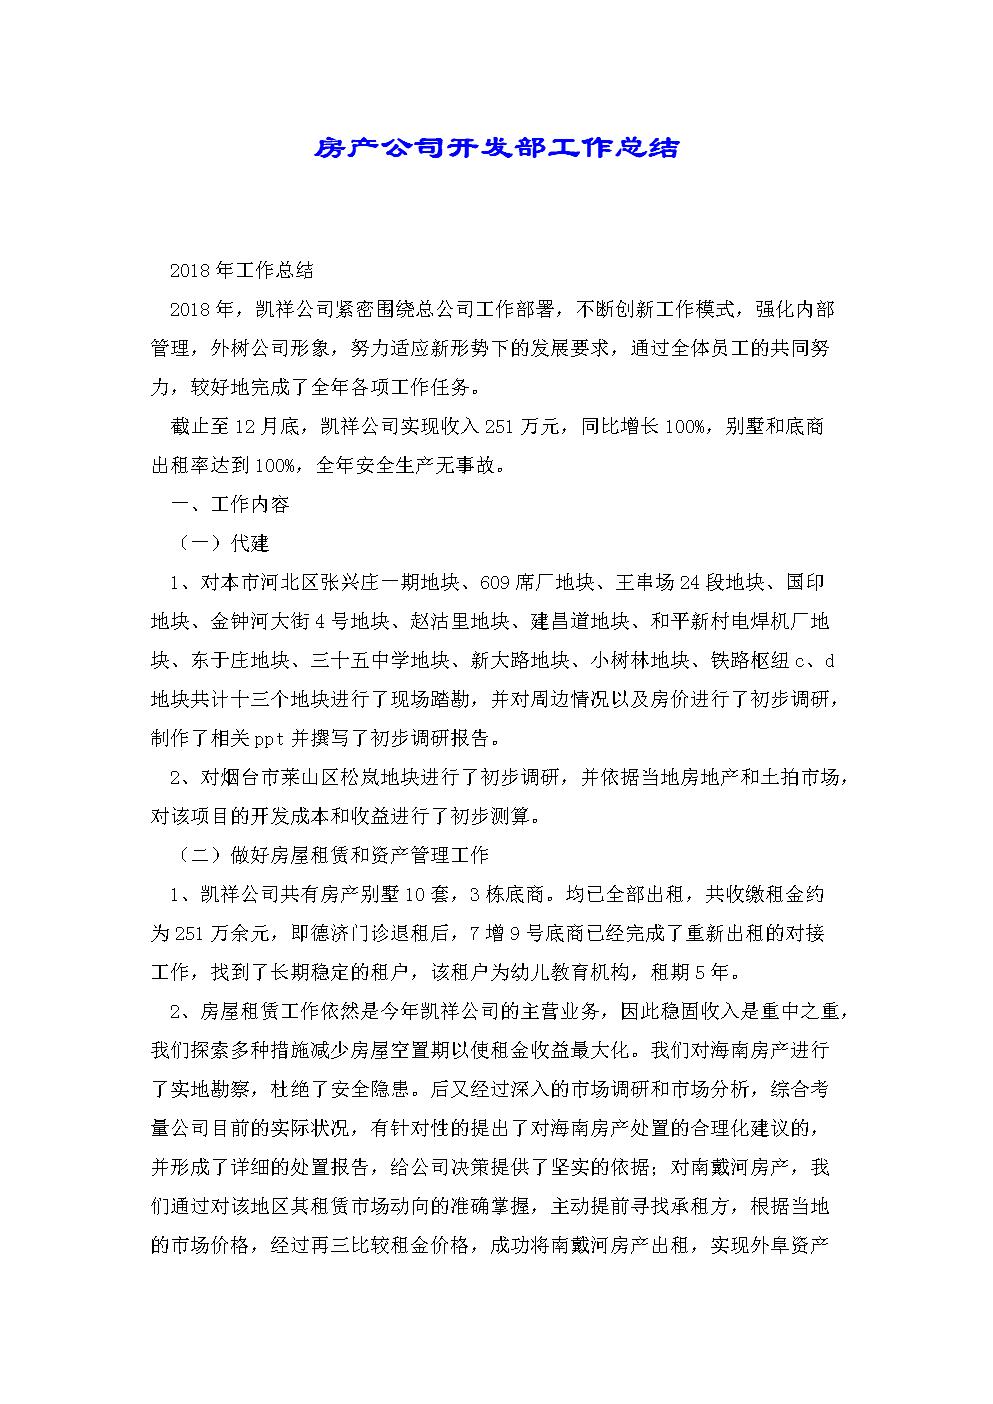 房產公司開發部工作總結.docx